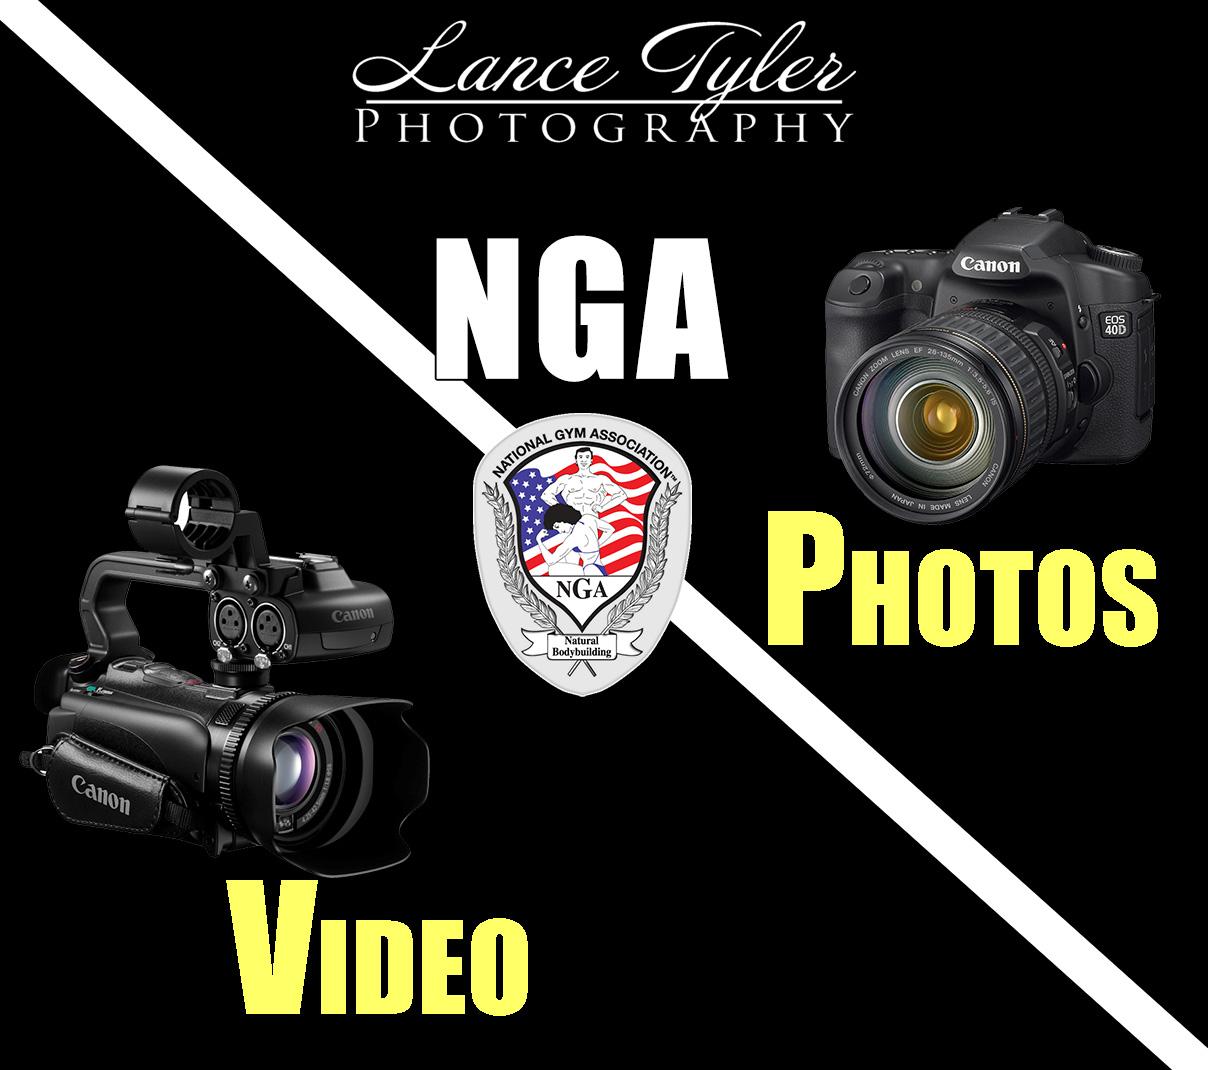 NGA Photography & DVD Bundle